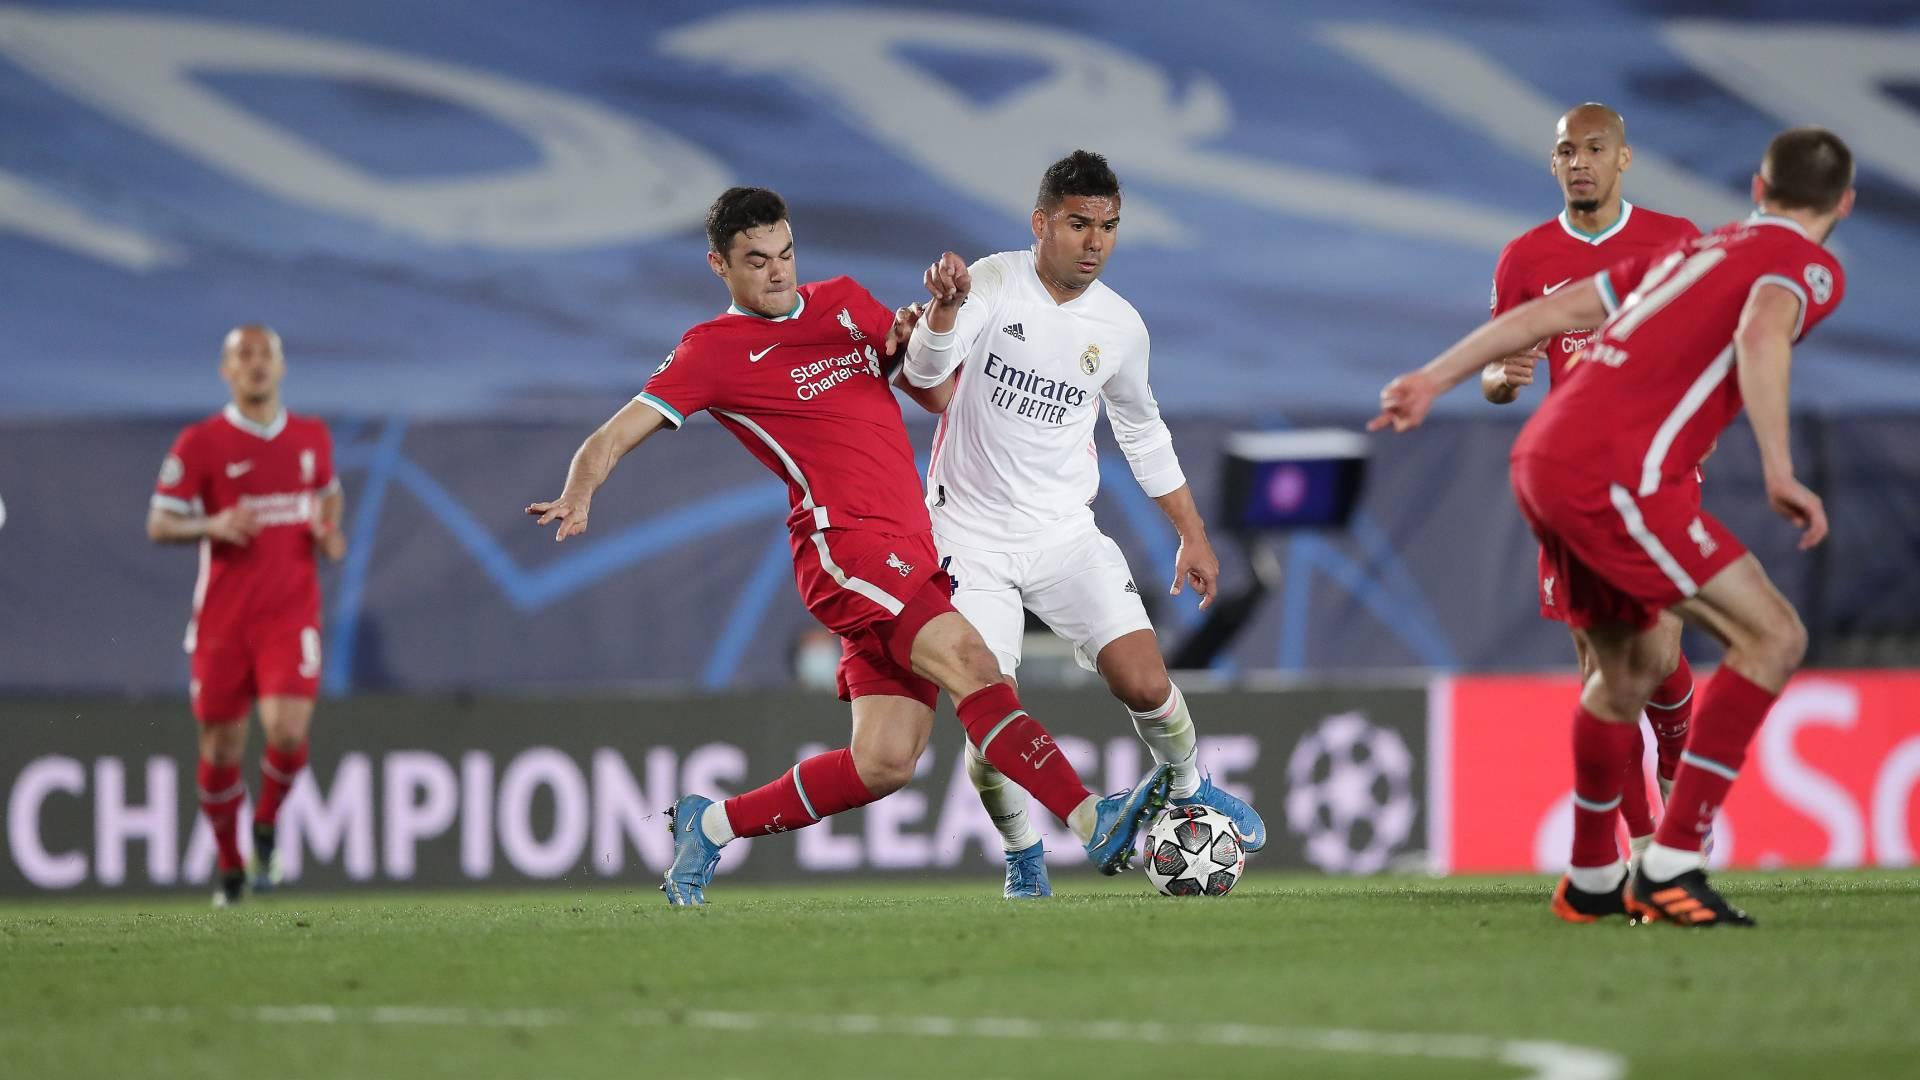 Wer Zeigt überträgt Fc Liverpool Vs Real Madrid Heute Live Im Tv Und Live Stream Die übertragung Der Champions League Goal Com